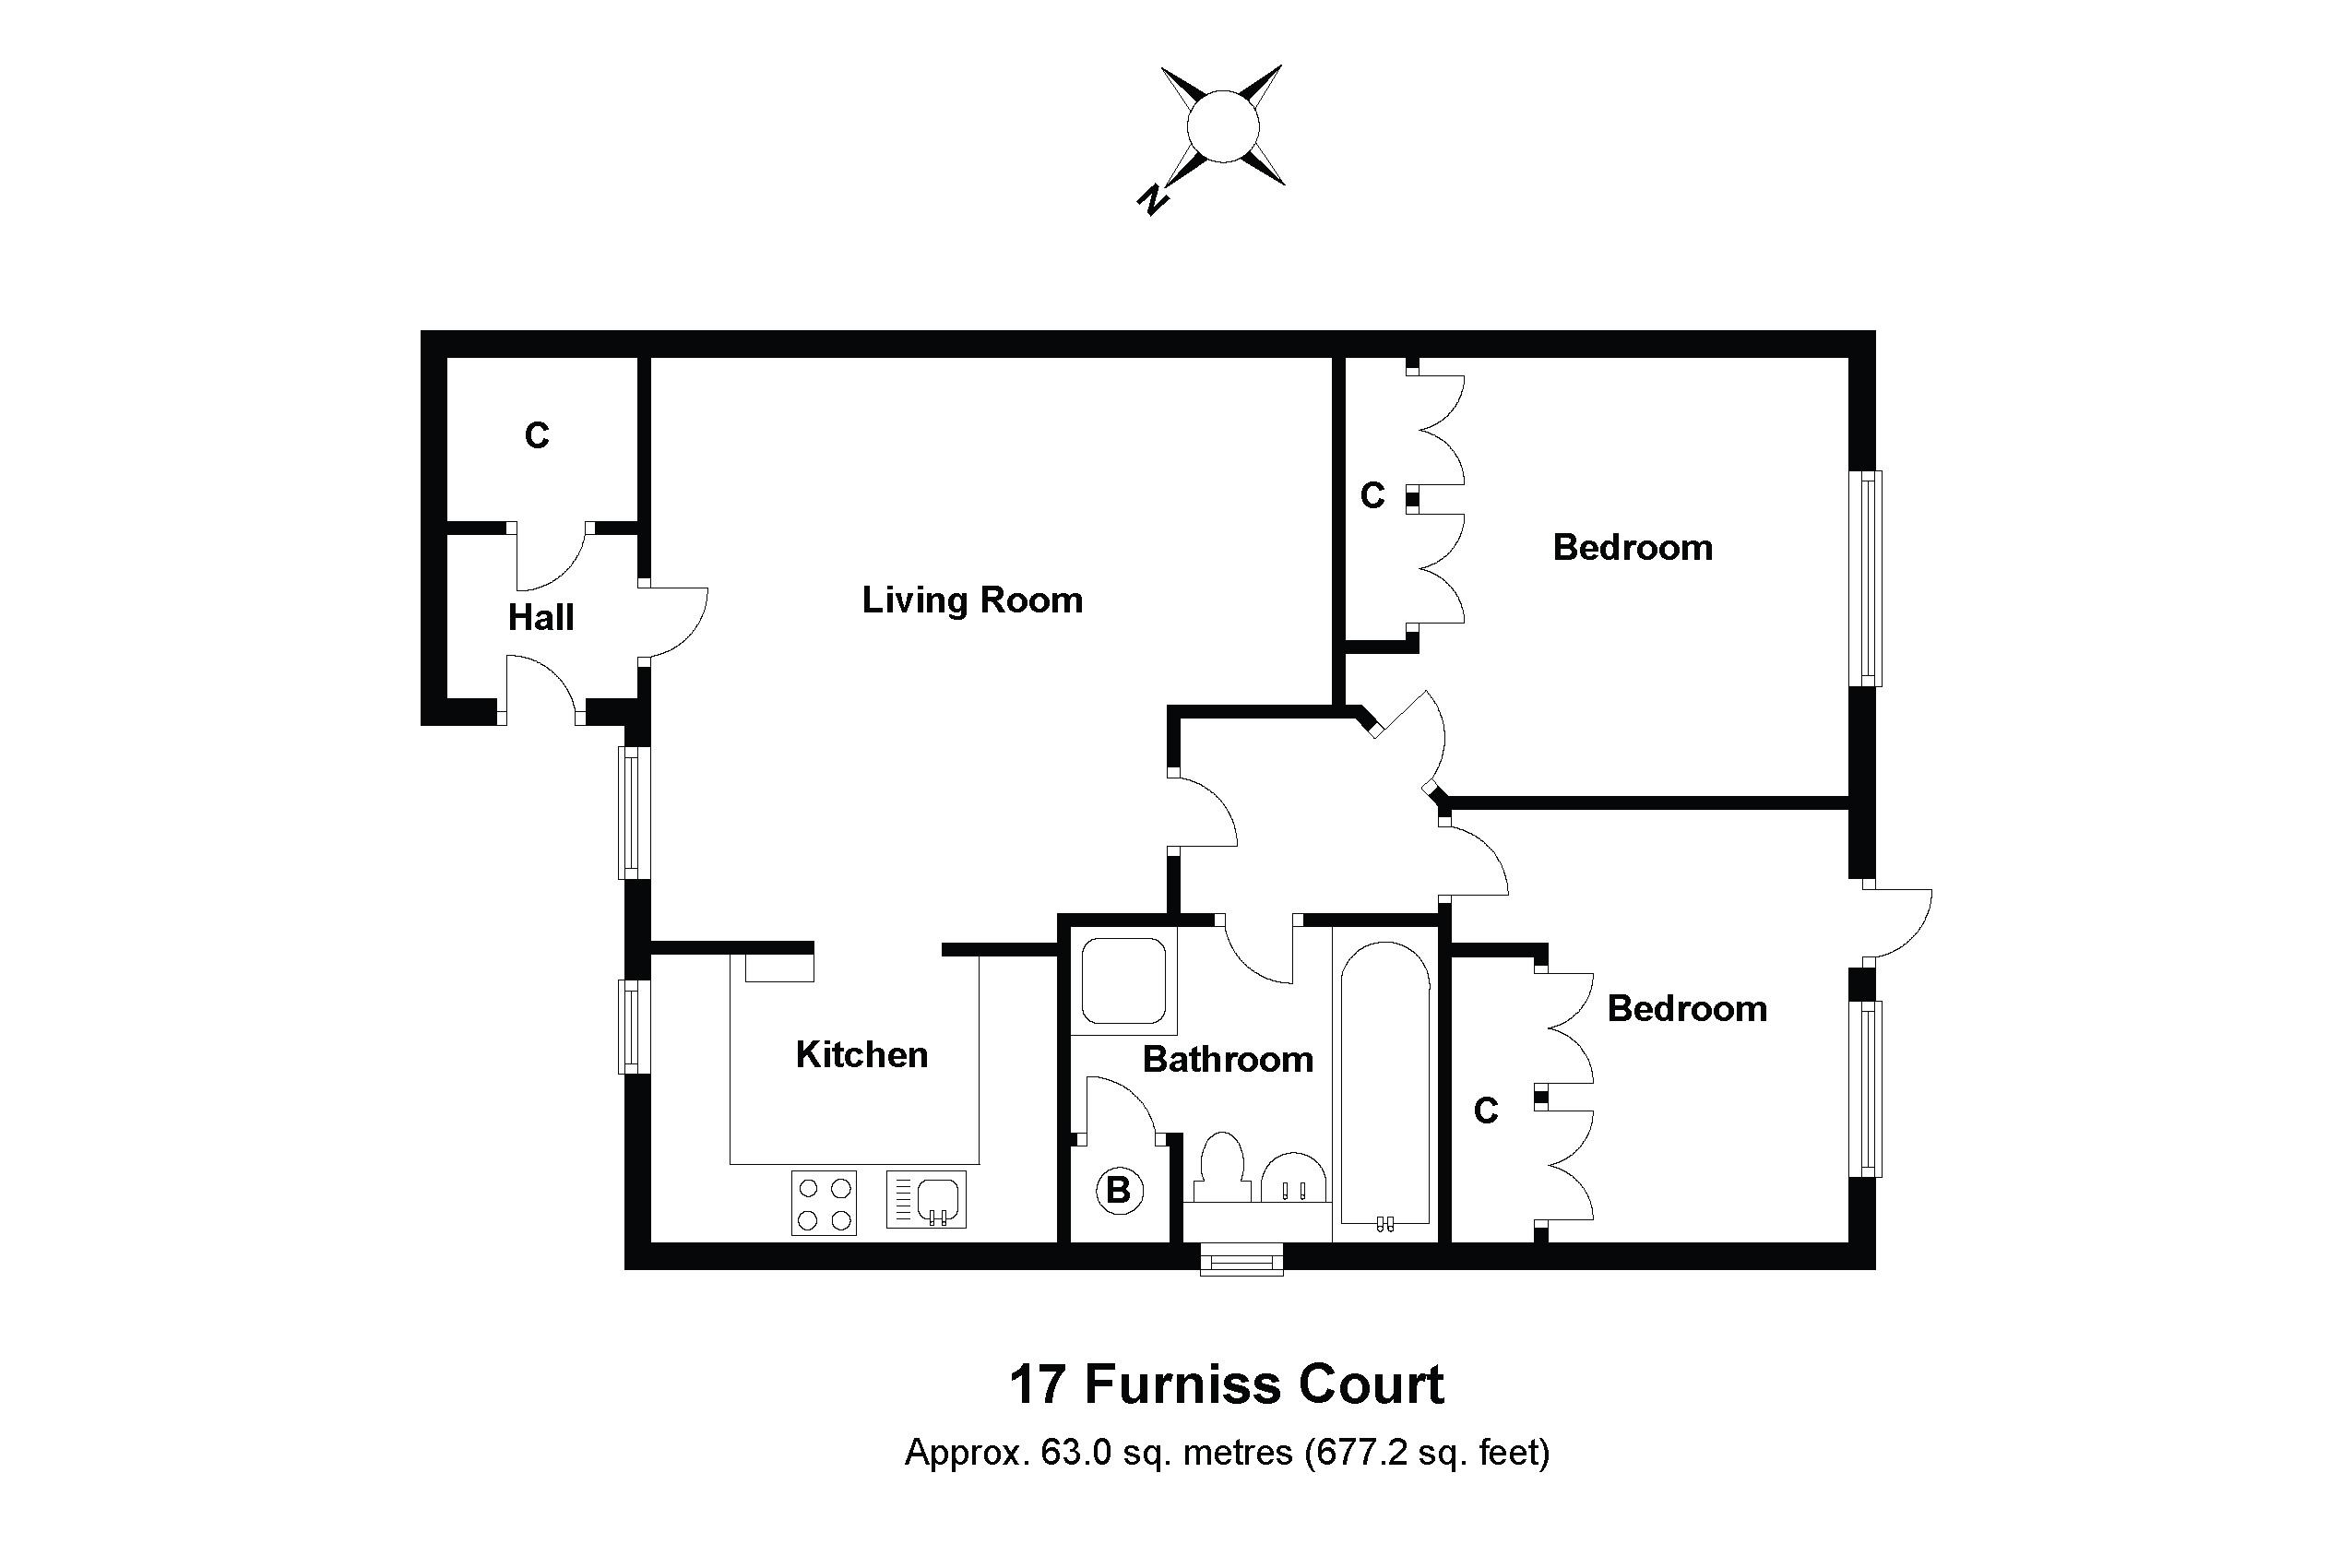 17 Furniss Court Floorplan